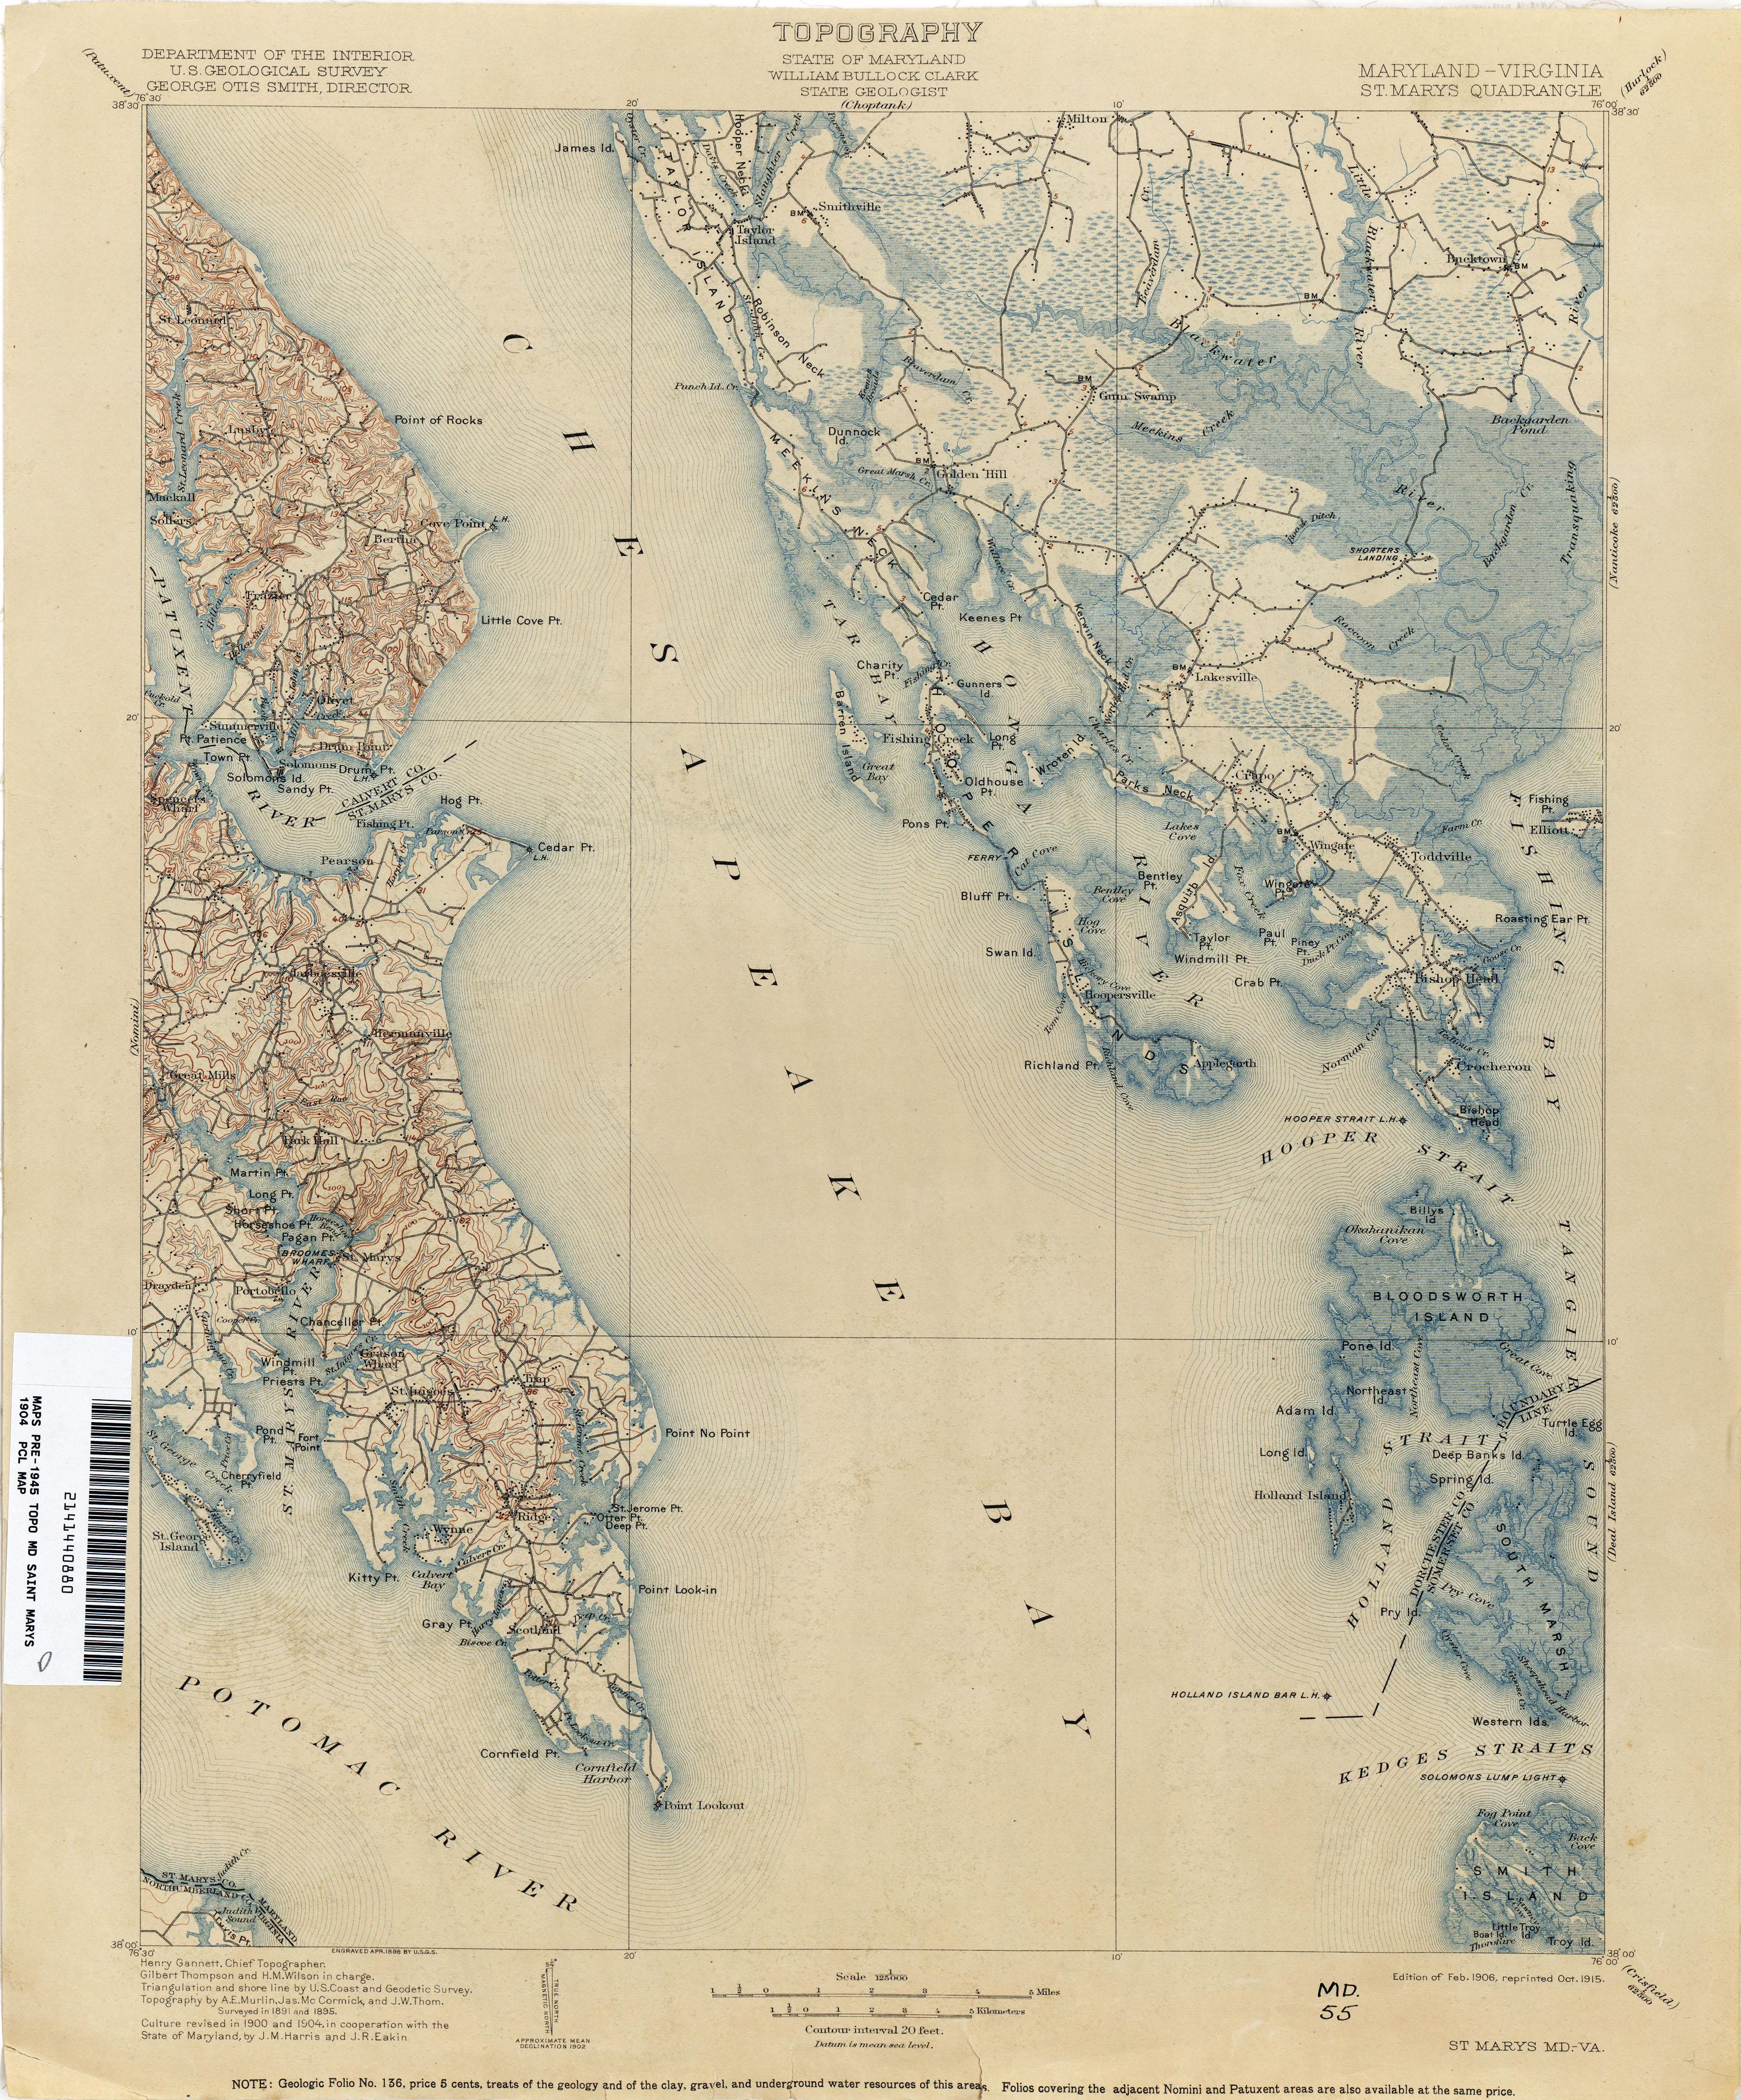 Saint Marys Maryland Historical Topographic Maryland Map